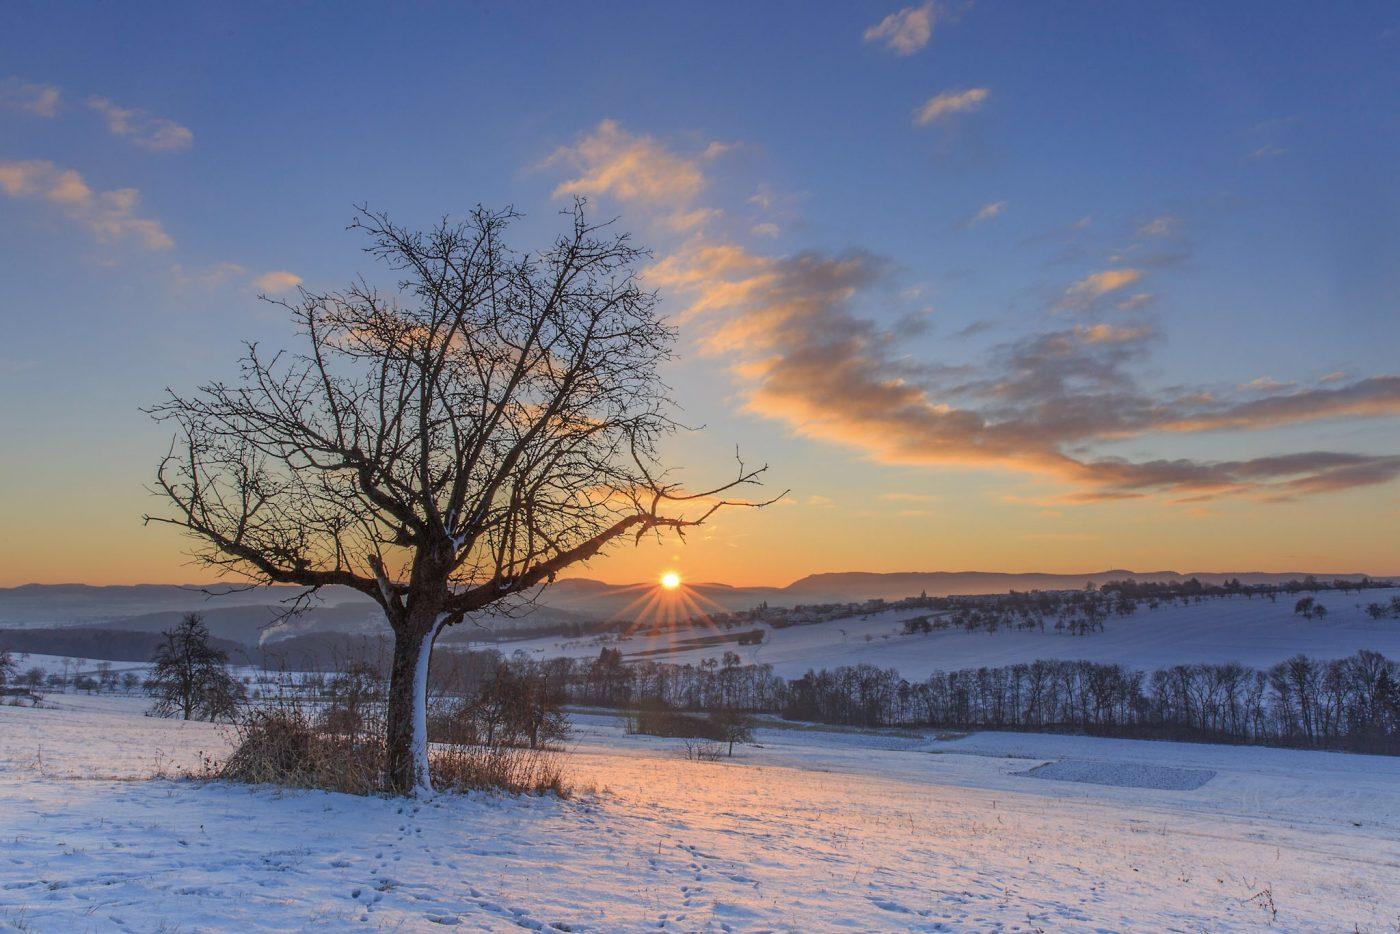 Baum im Schnee bei Sonnenaufgang, Alb